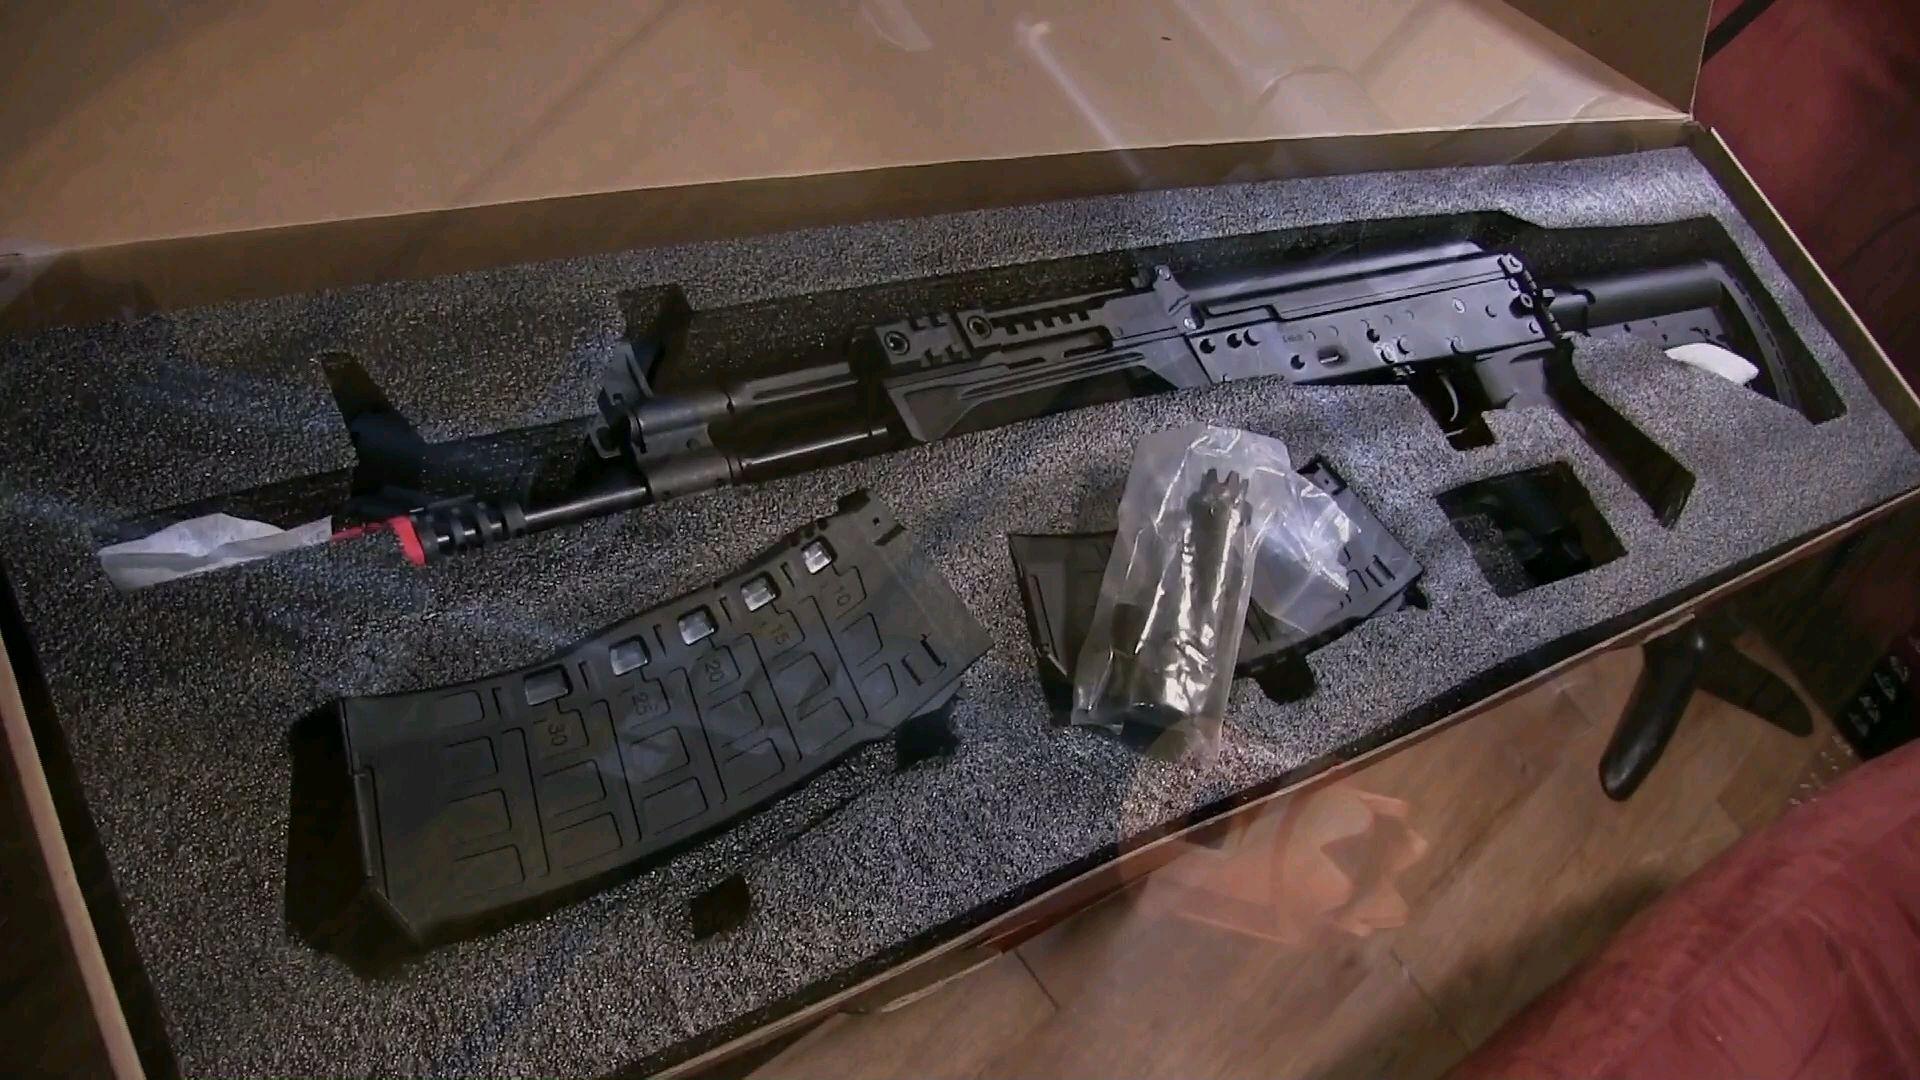 [油管搬运]开箱测评Arcturus AK12 ETU样品